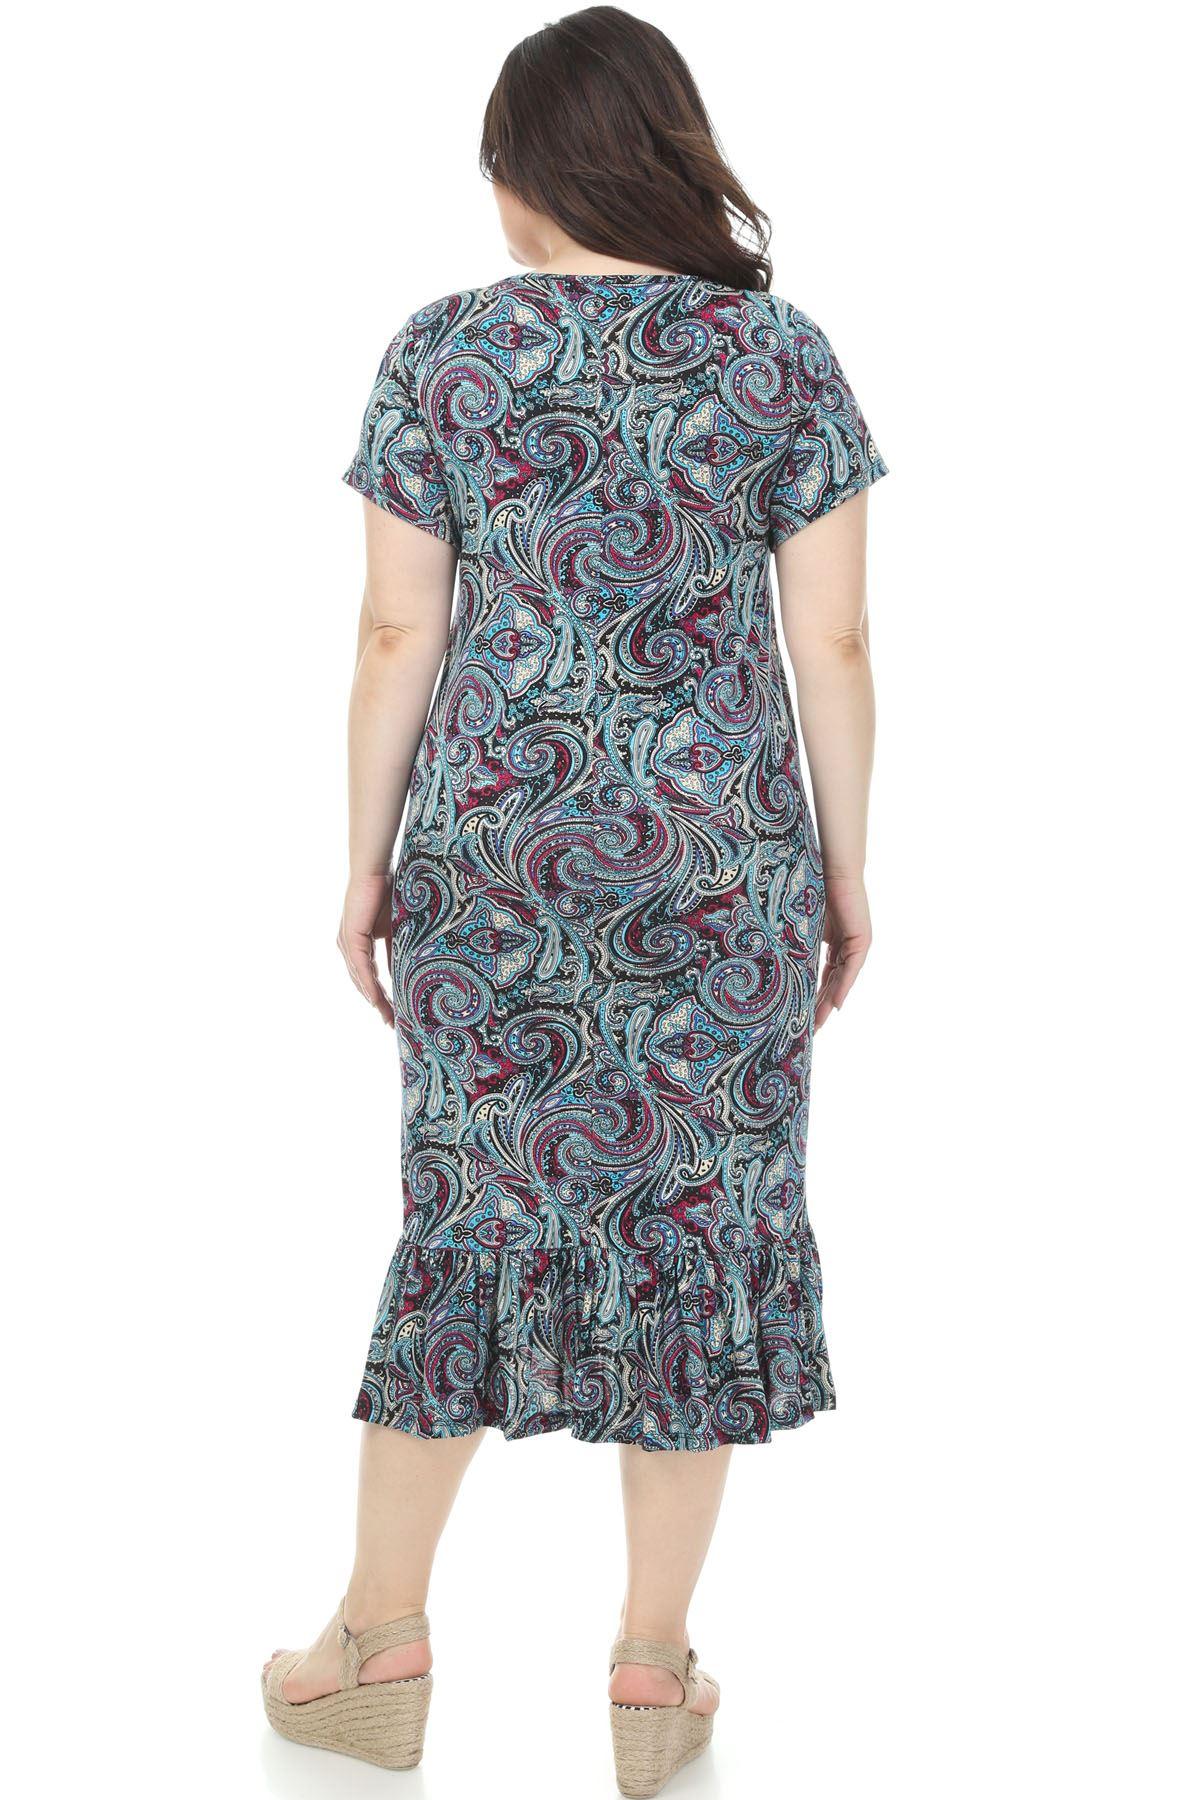 Elegance Desenli Büyük Beden Elbise 7C-1146